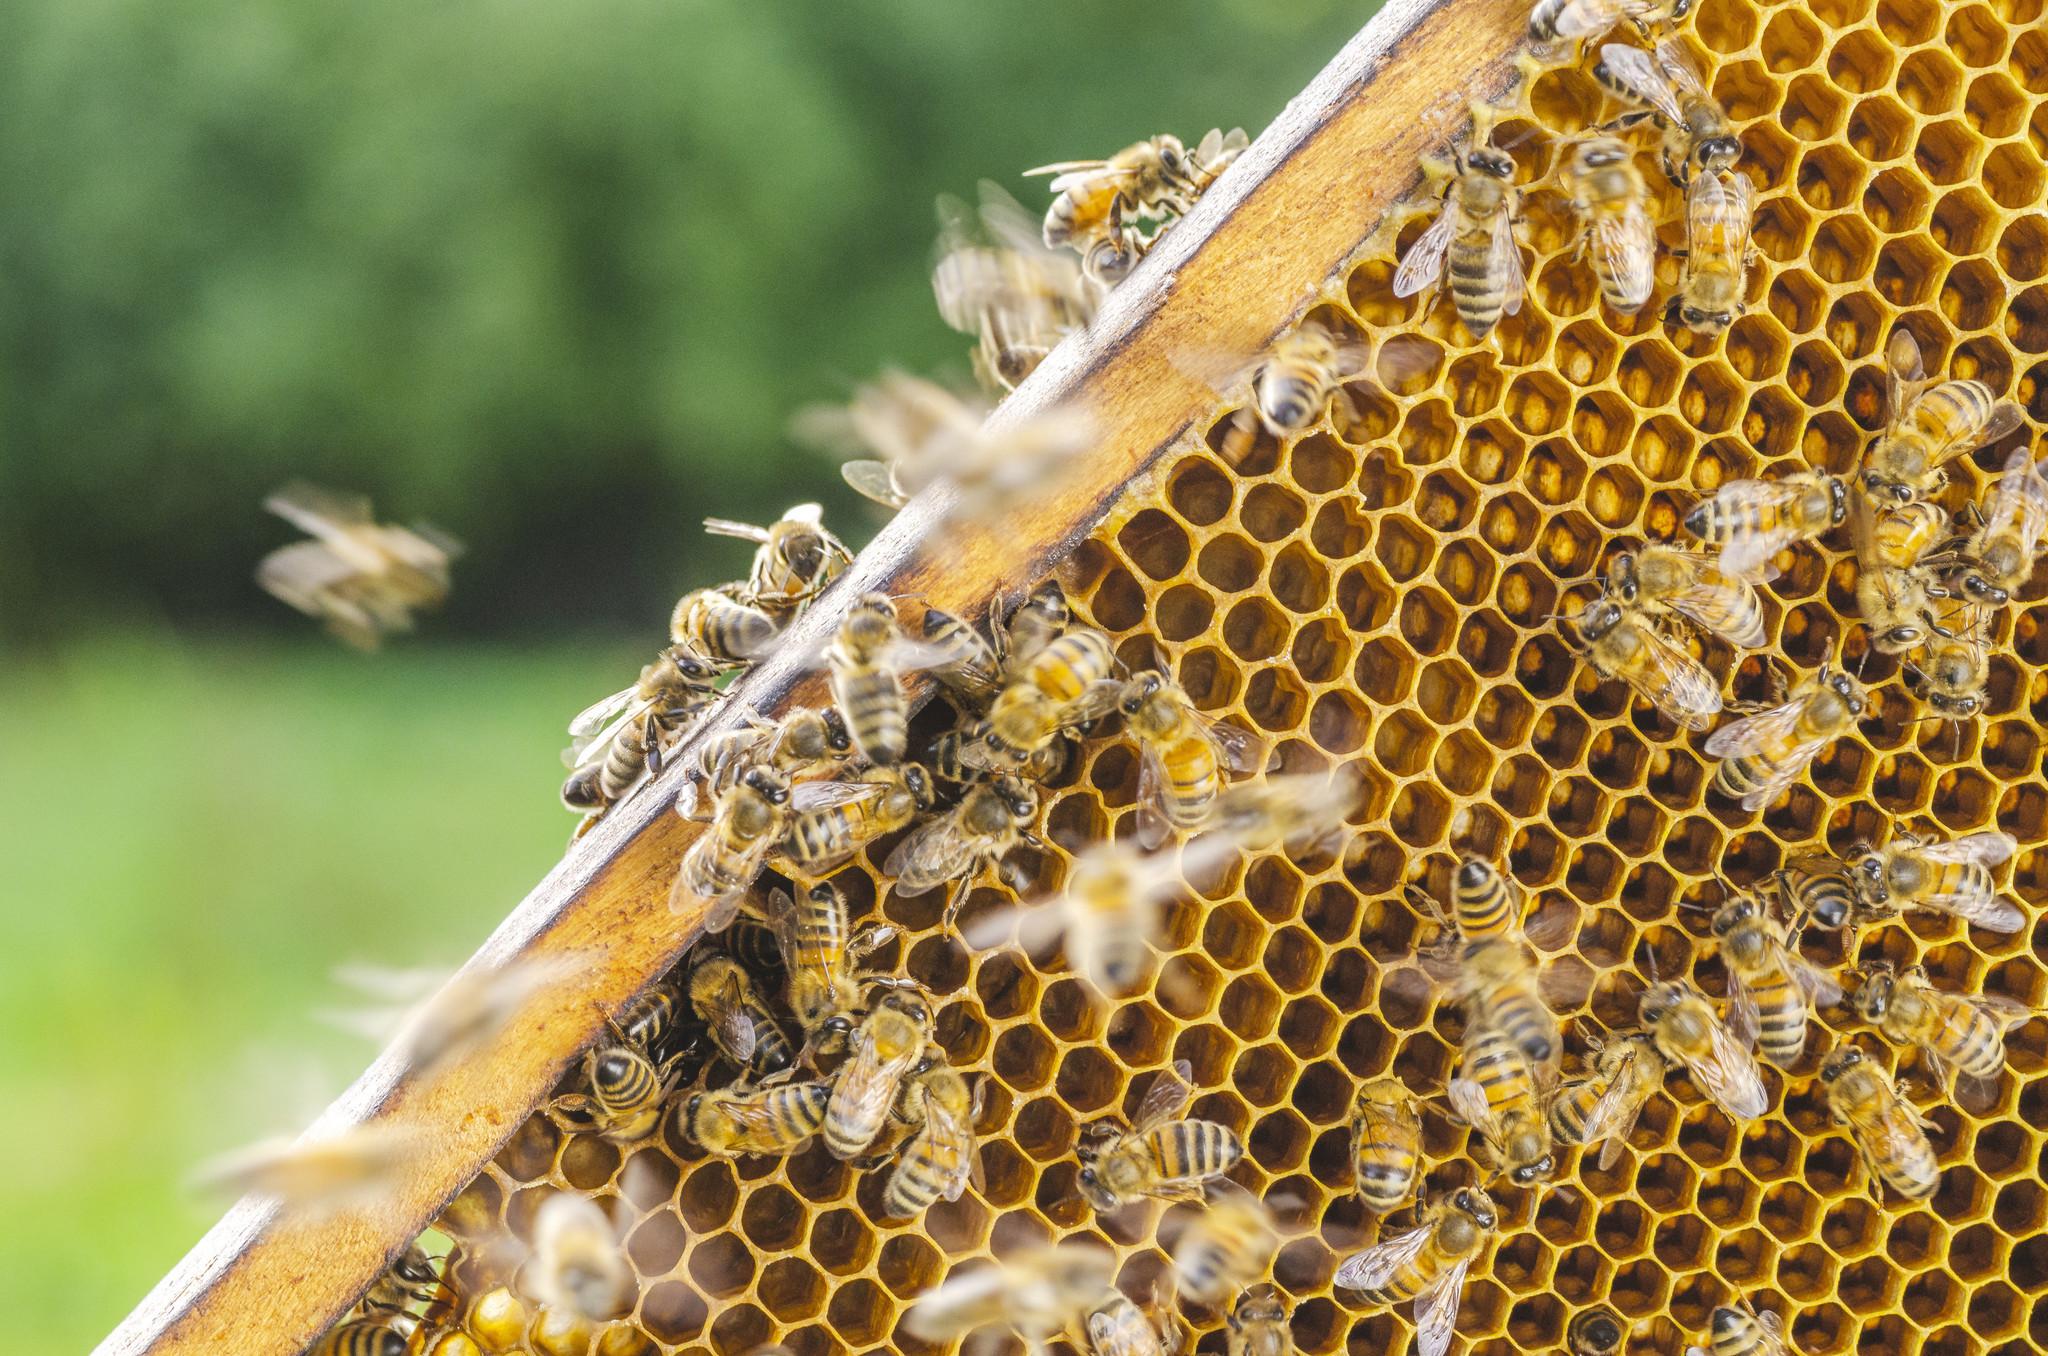 California bee bandit pulls off 92-hive heist